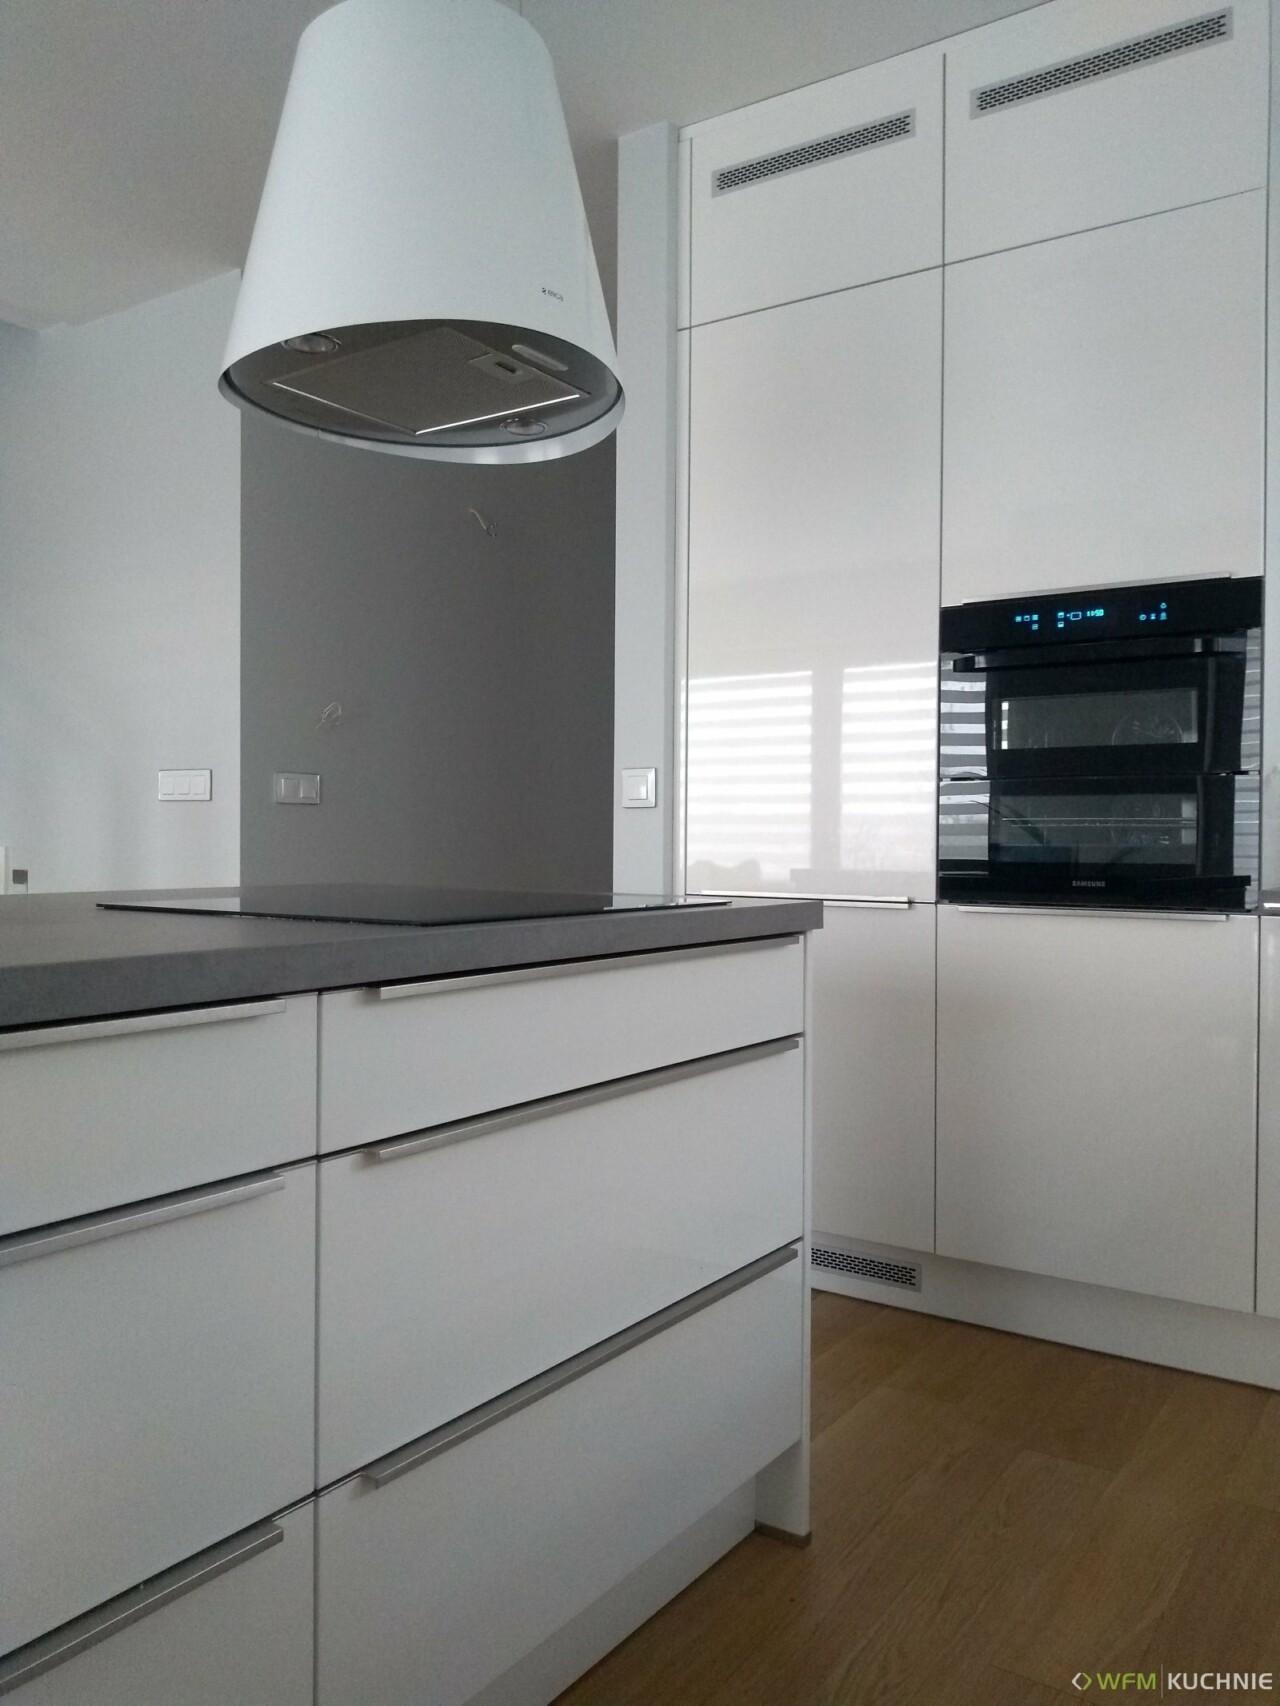 Nowoczesna zabudowa kuchenna na wymiar WFM CALMA biały połysk P101 w wysokiej zabudowie z uchwytami nabijanymi szczotkowanymi oraz funkcjonalną wyspą - WFM KUCHNIE Kraków